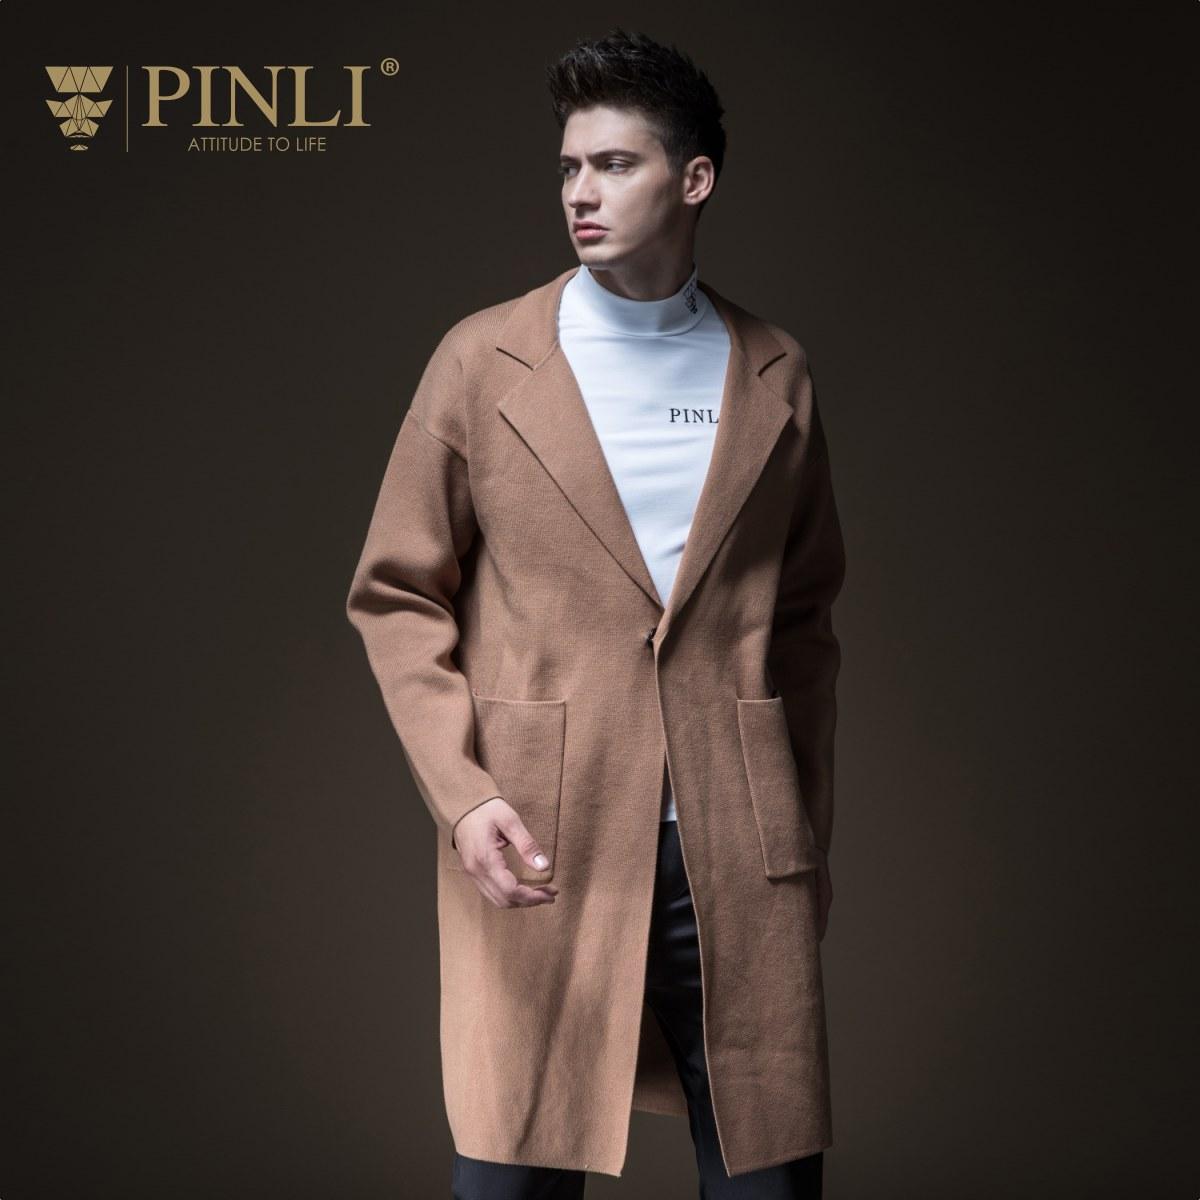 Мужской свитер, пуловер свитер, горячая Распродажа Turn Down Воротник обычный длинный Pinli Pin Осень Новый мужской средней длины B183310634